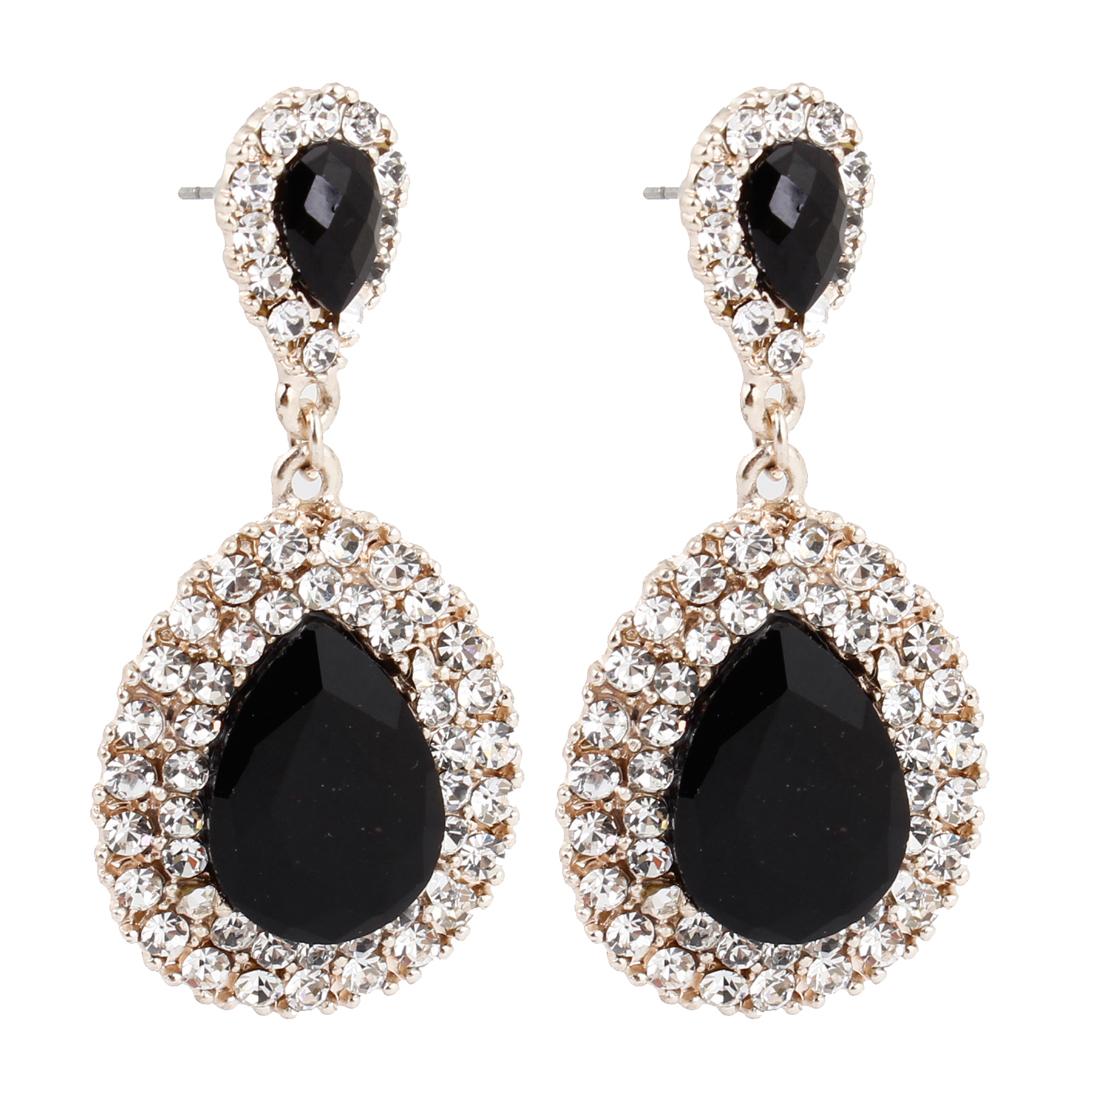 Pair Black Plastic Waterdrop Crystal Pendant Metal Stud Earrings for Women